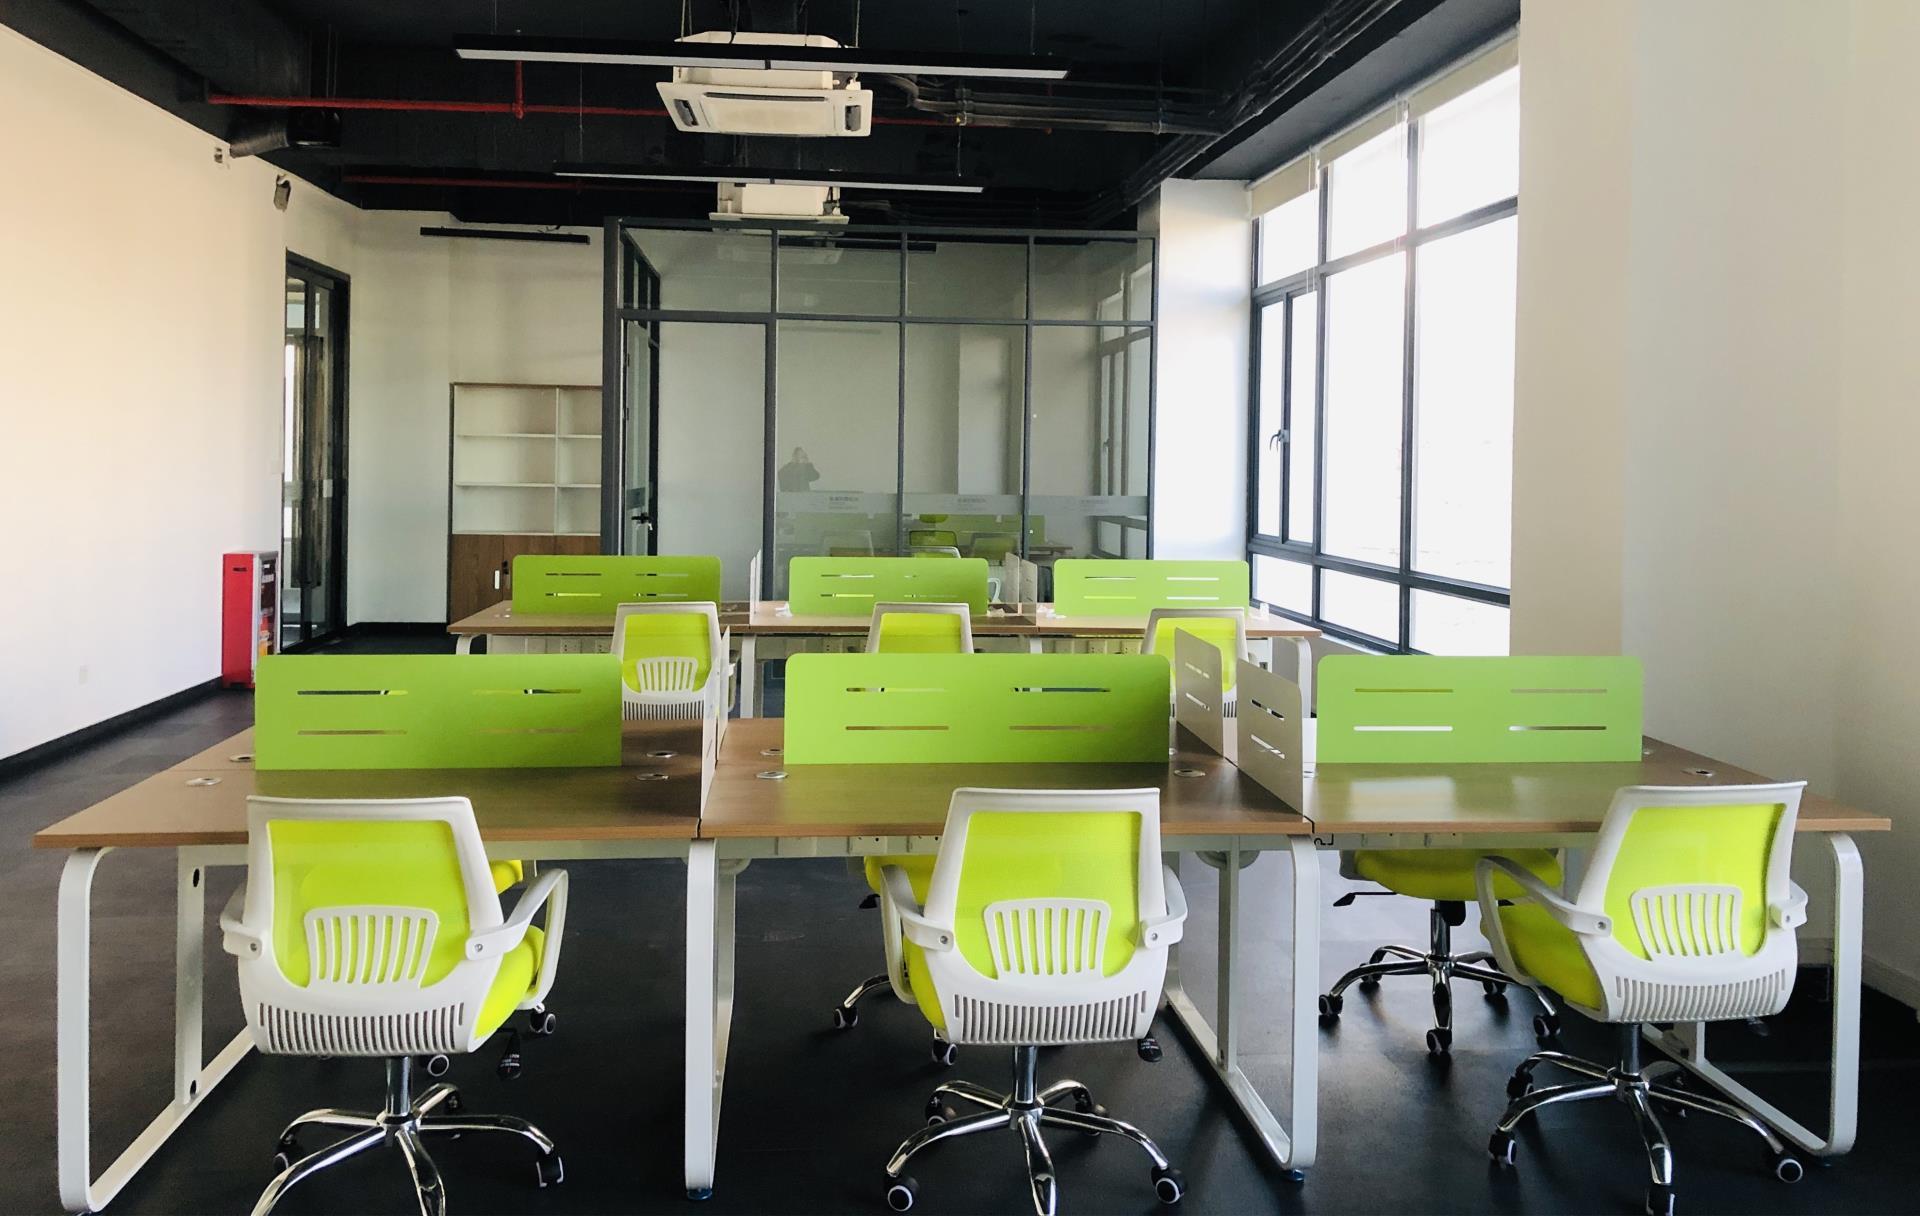 丰泽高新产业园现在有联合办公空间80-300平方办公室出租,交通便利,拎包入住,国企园区,免租期,政策扶持,地铁旁